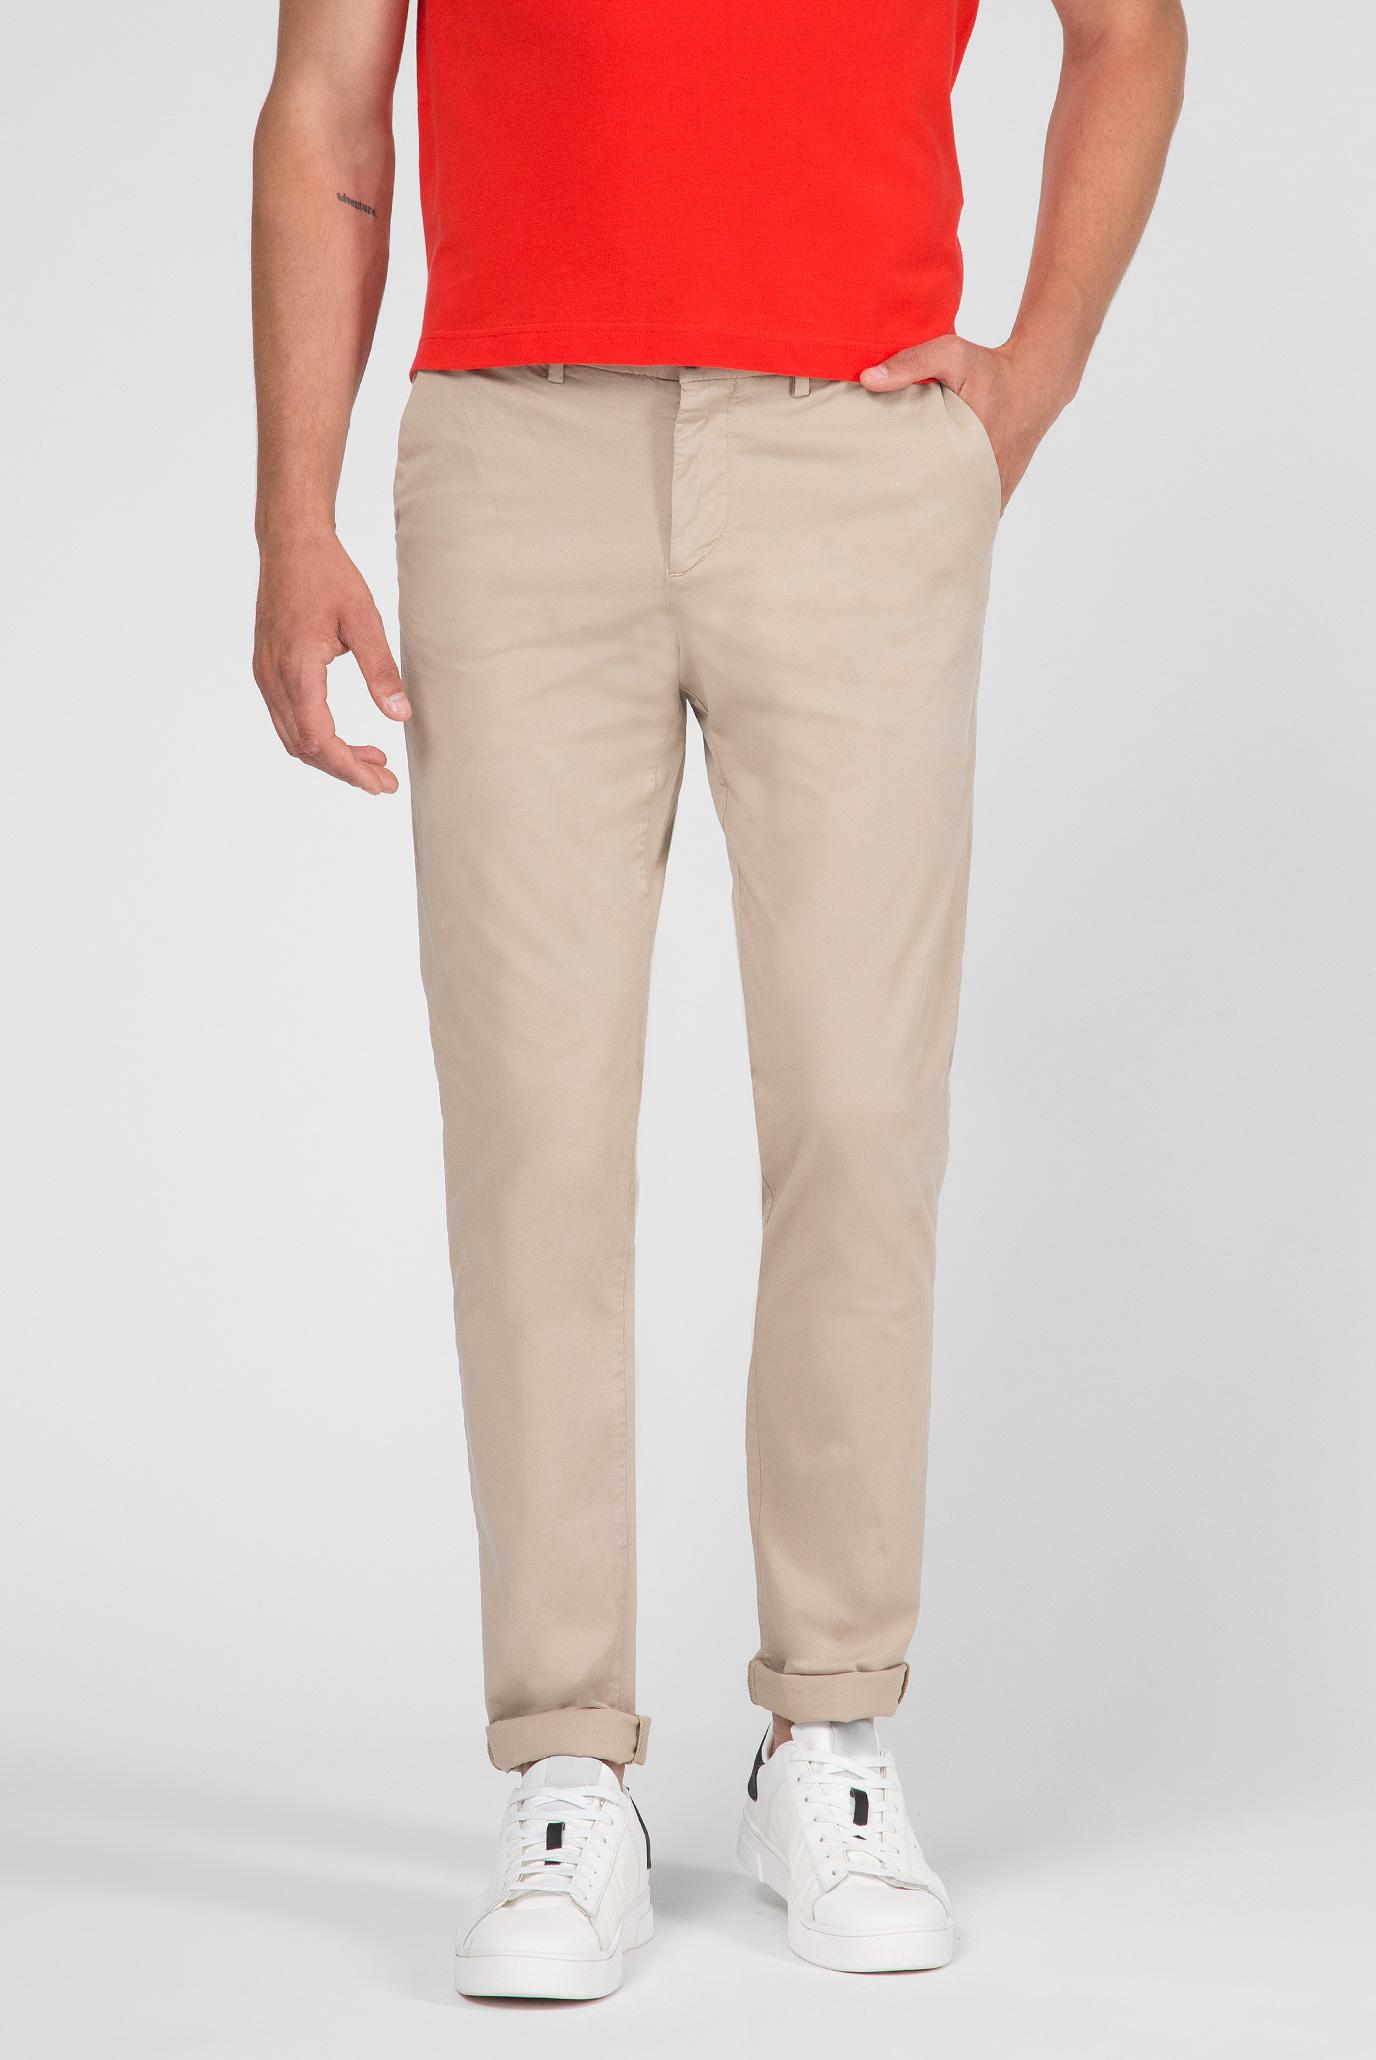 Купить Мужские бежевые чиносы AVIATOR Trussardi Jeans Trussardi Jeans 52P00000-1T002325 – Киев, Украина. Цены в интернет магазине MD Fashion